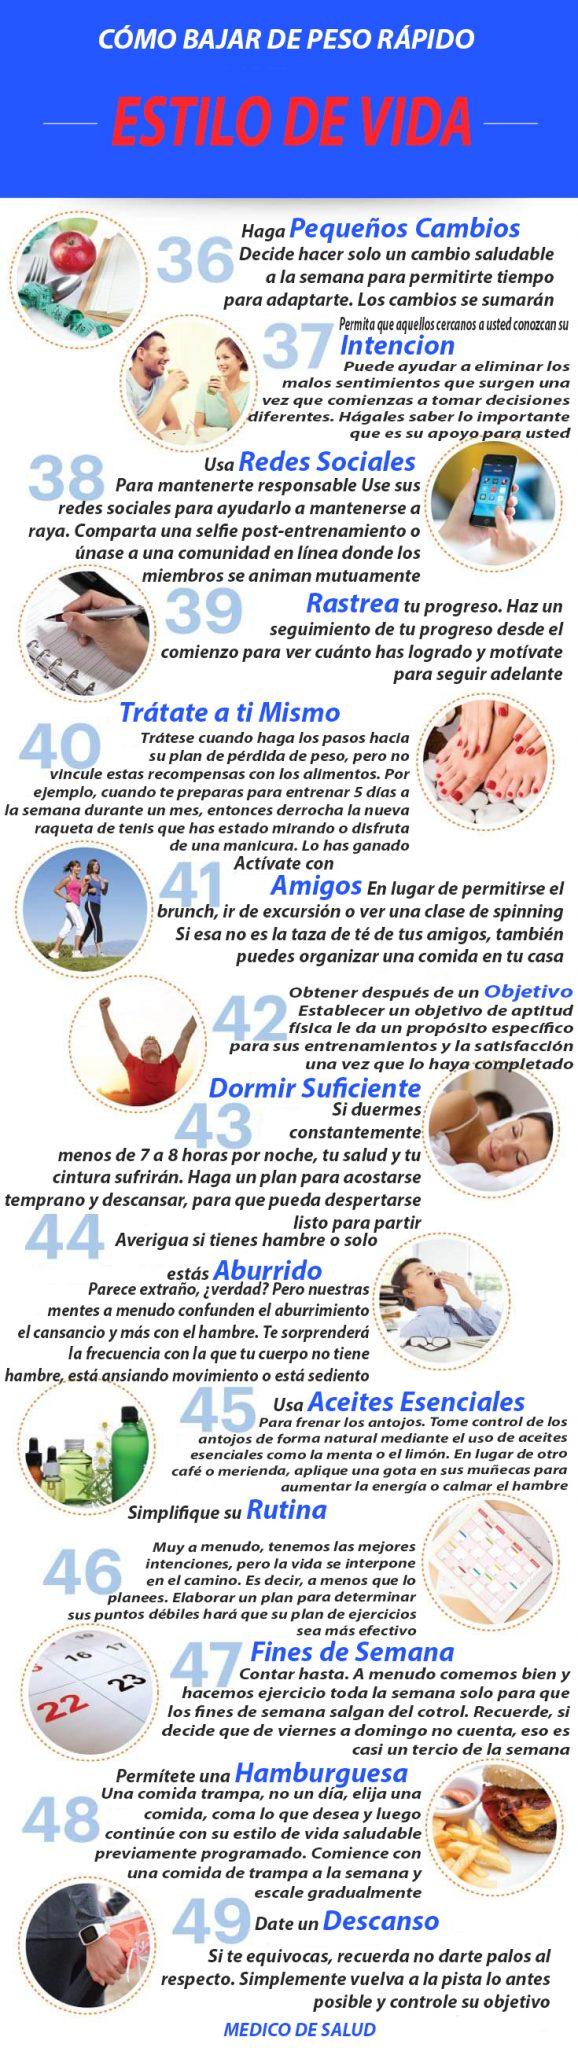 Como perder peso rapidamente SECRETOS DE ESTILO DE VIDA 49 secretos para | cómo perder peso rápido 49 Secretos para | Cómo Perder Peso Rápido Como perder peso rapidamente SECRETOS DE ESTILO DE VIDA